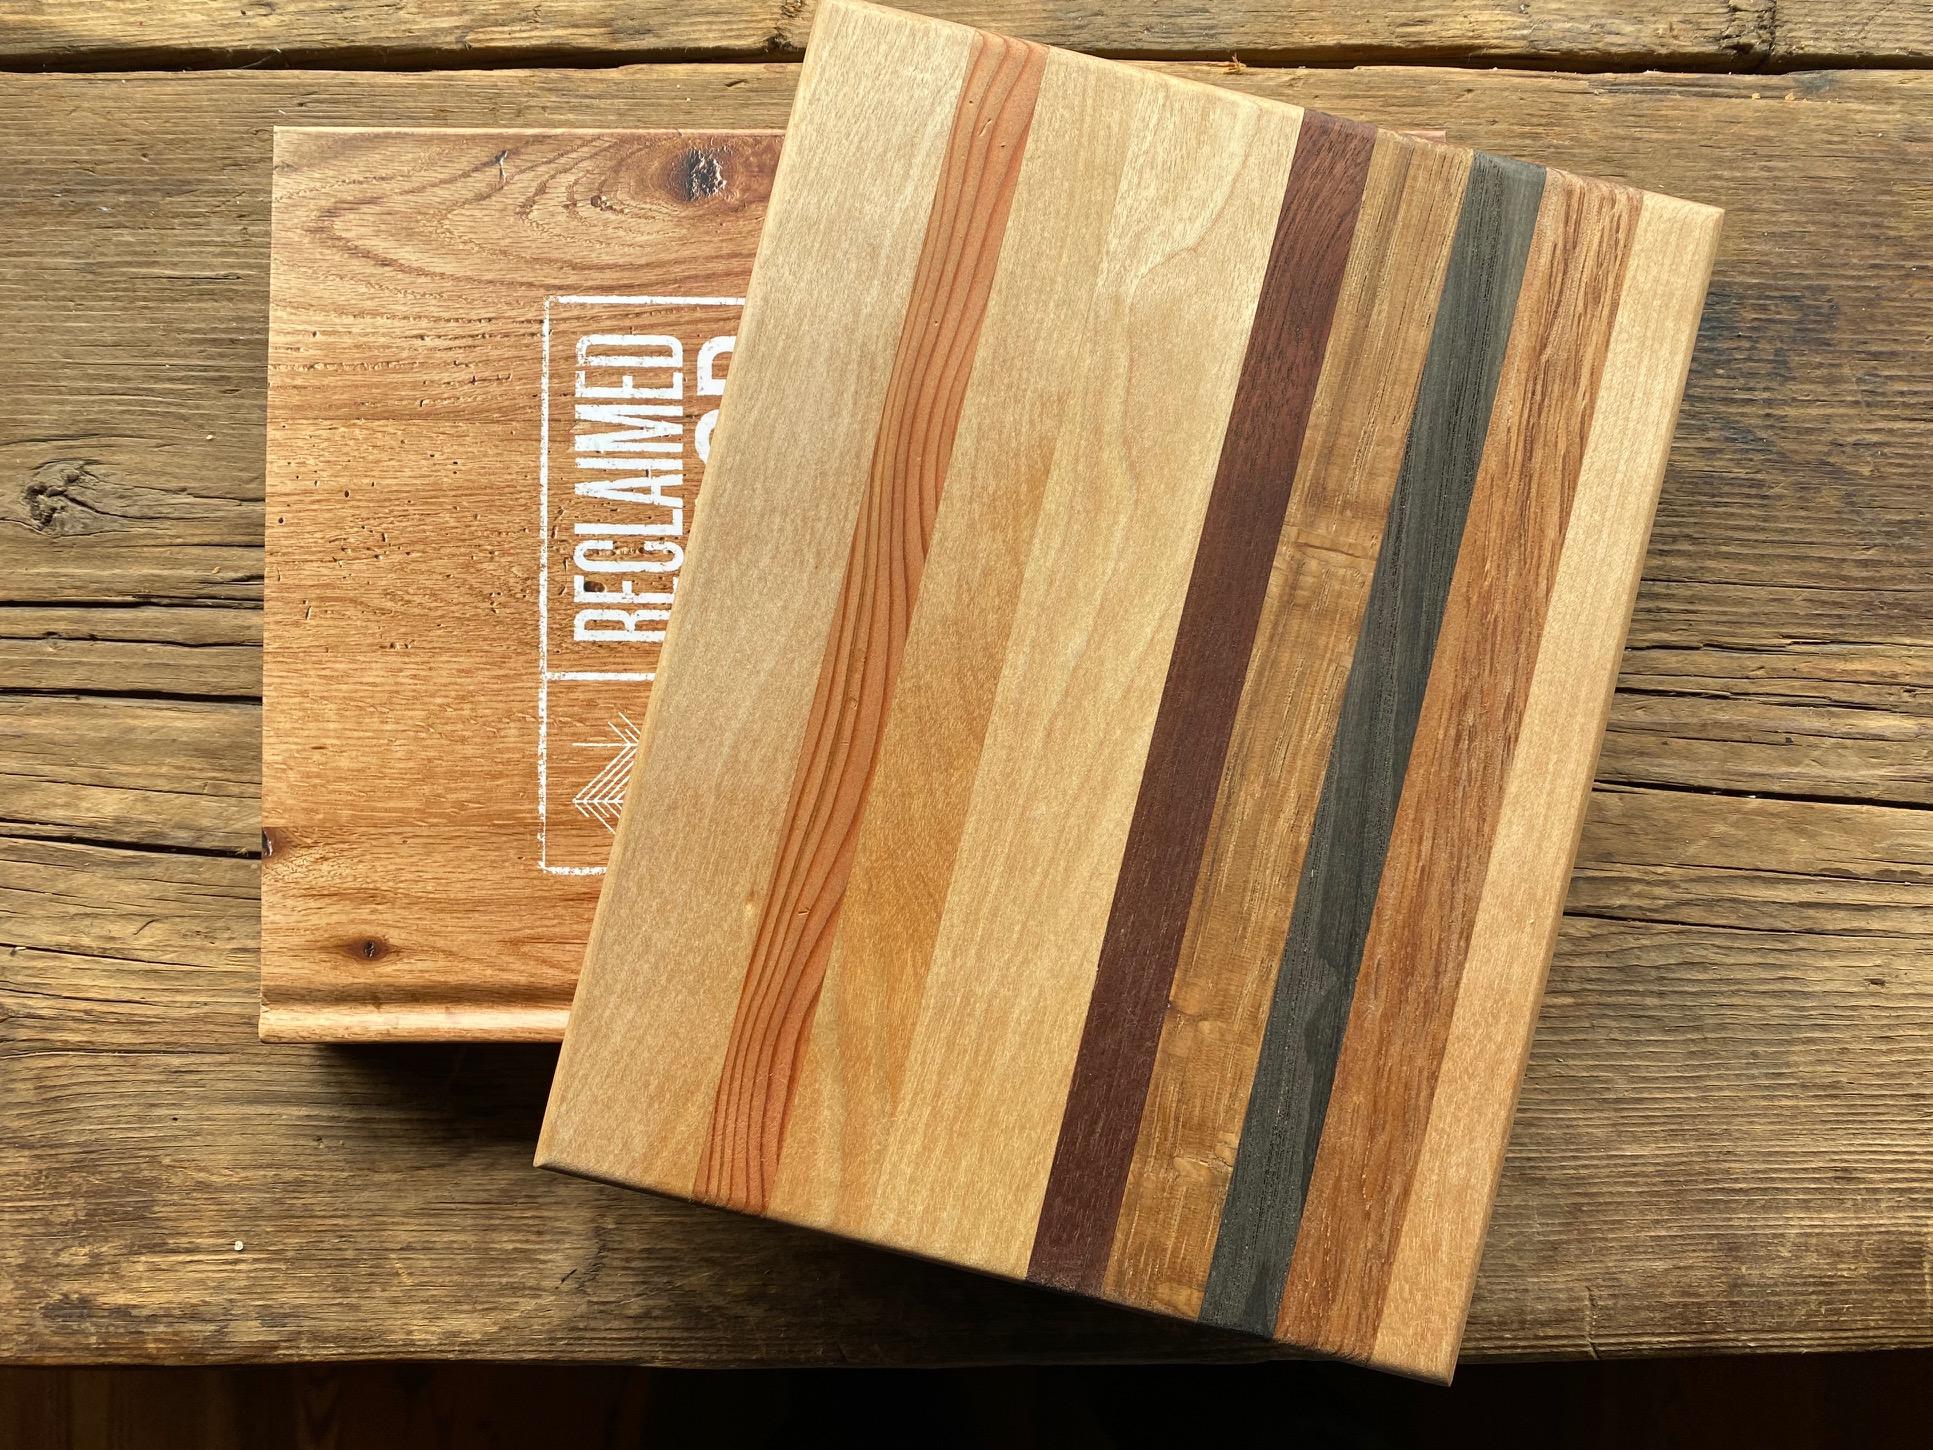 Wood Paneling NYC